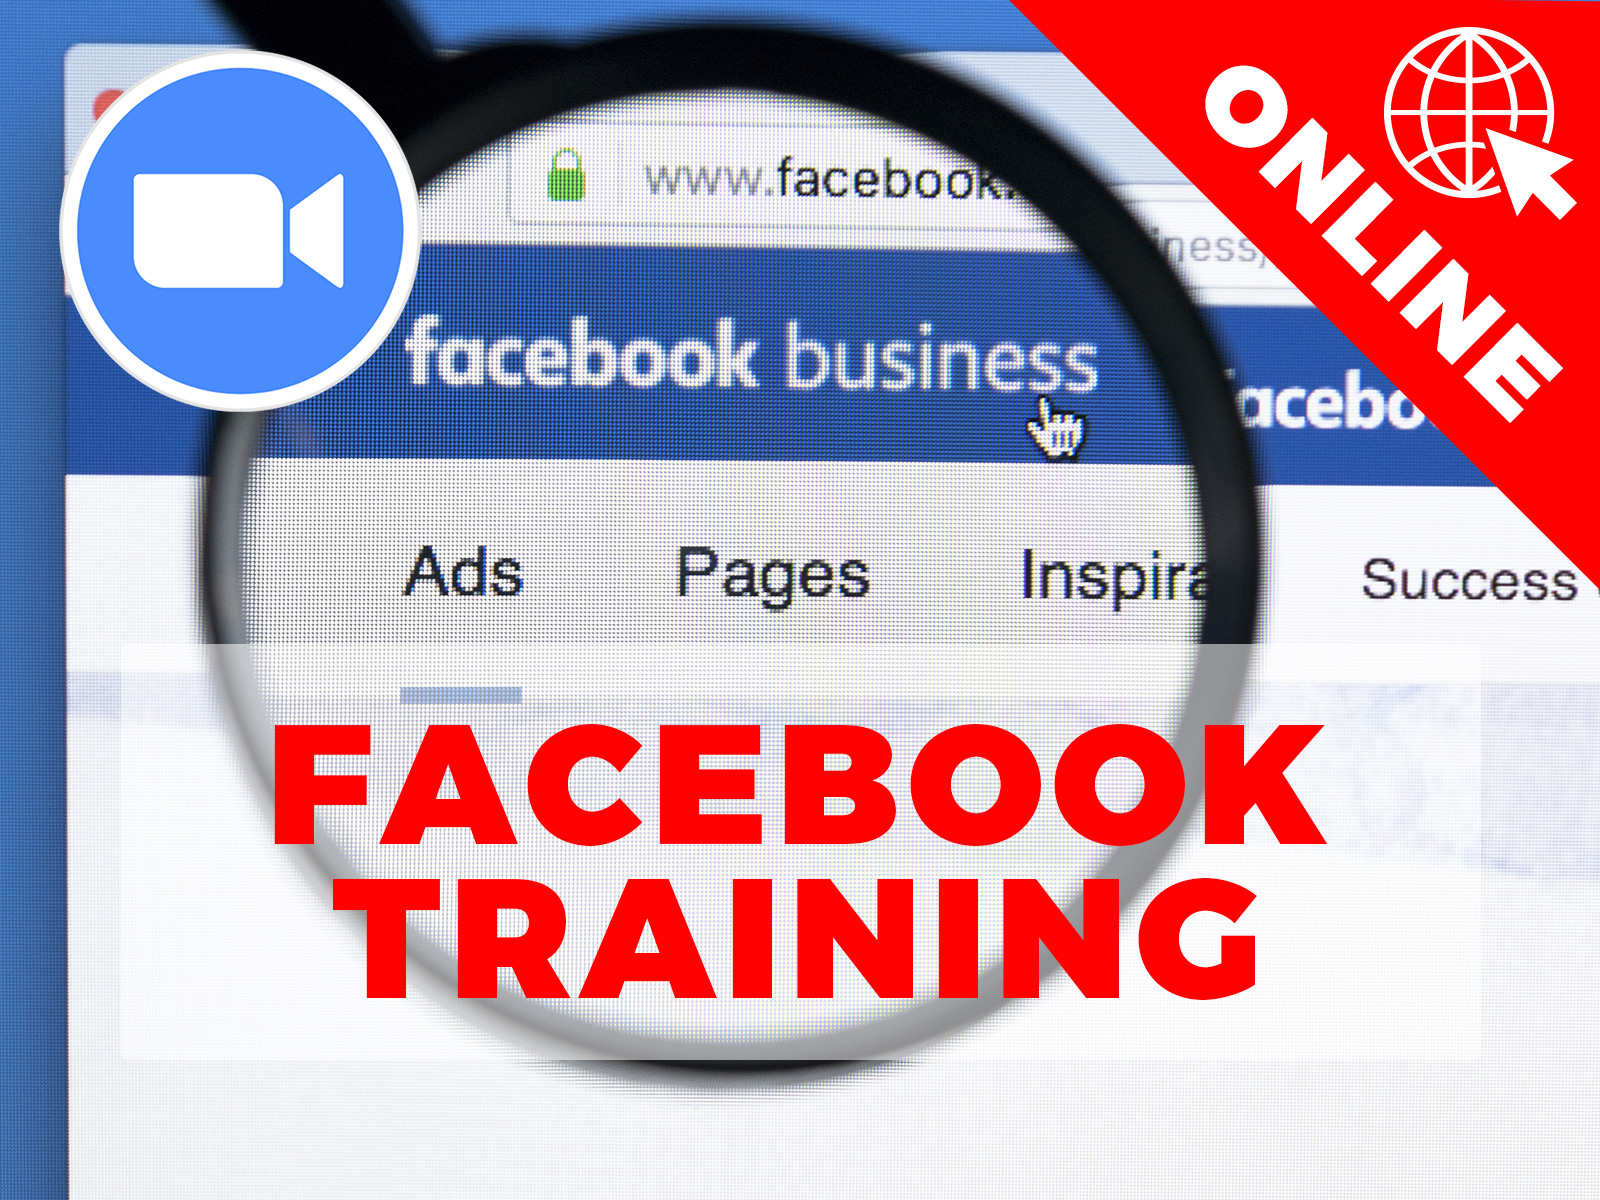 facebook-business-marketing-workshop-online